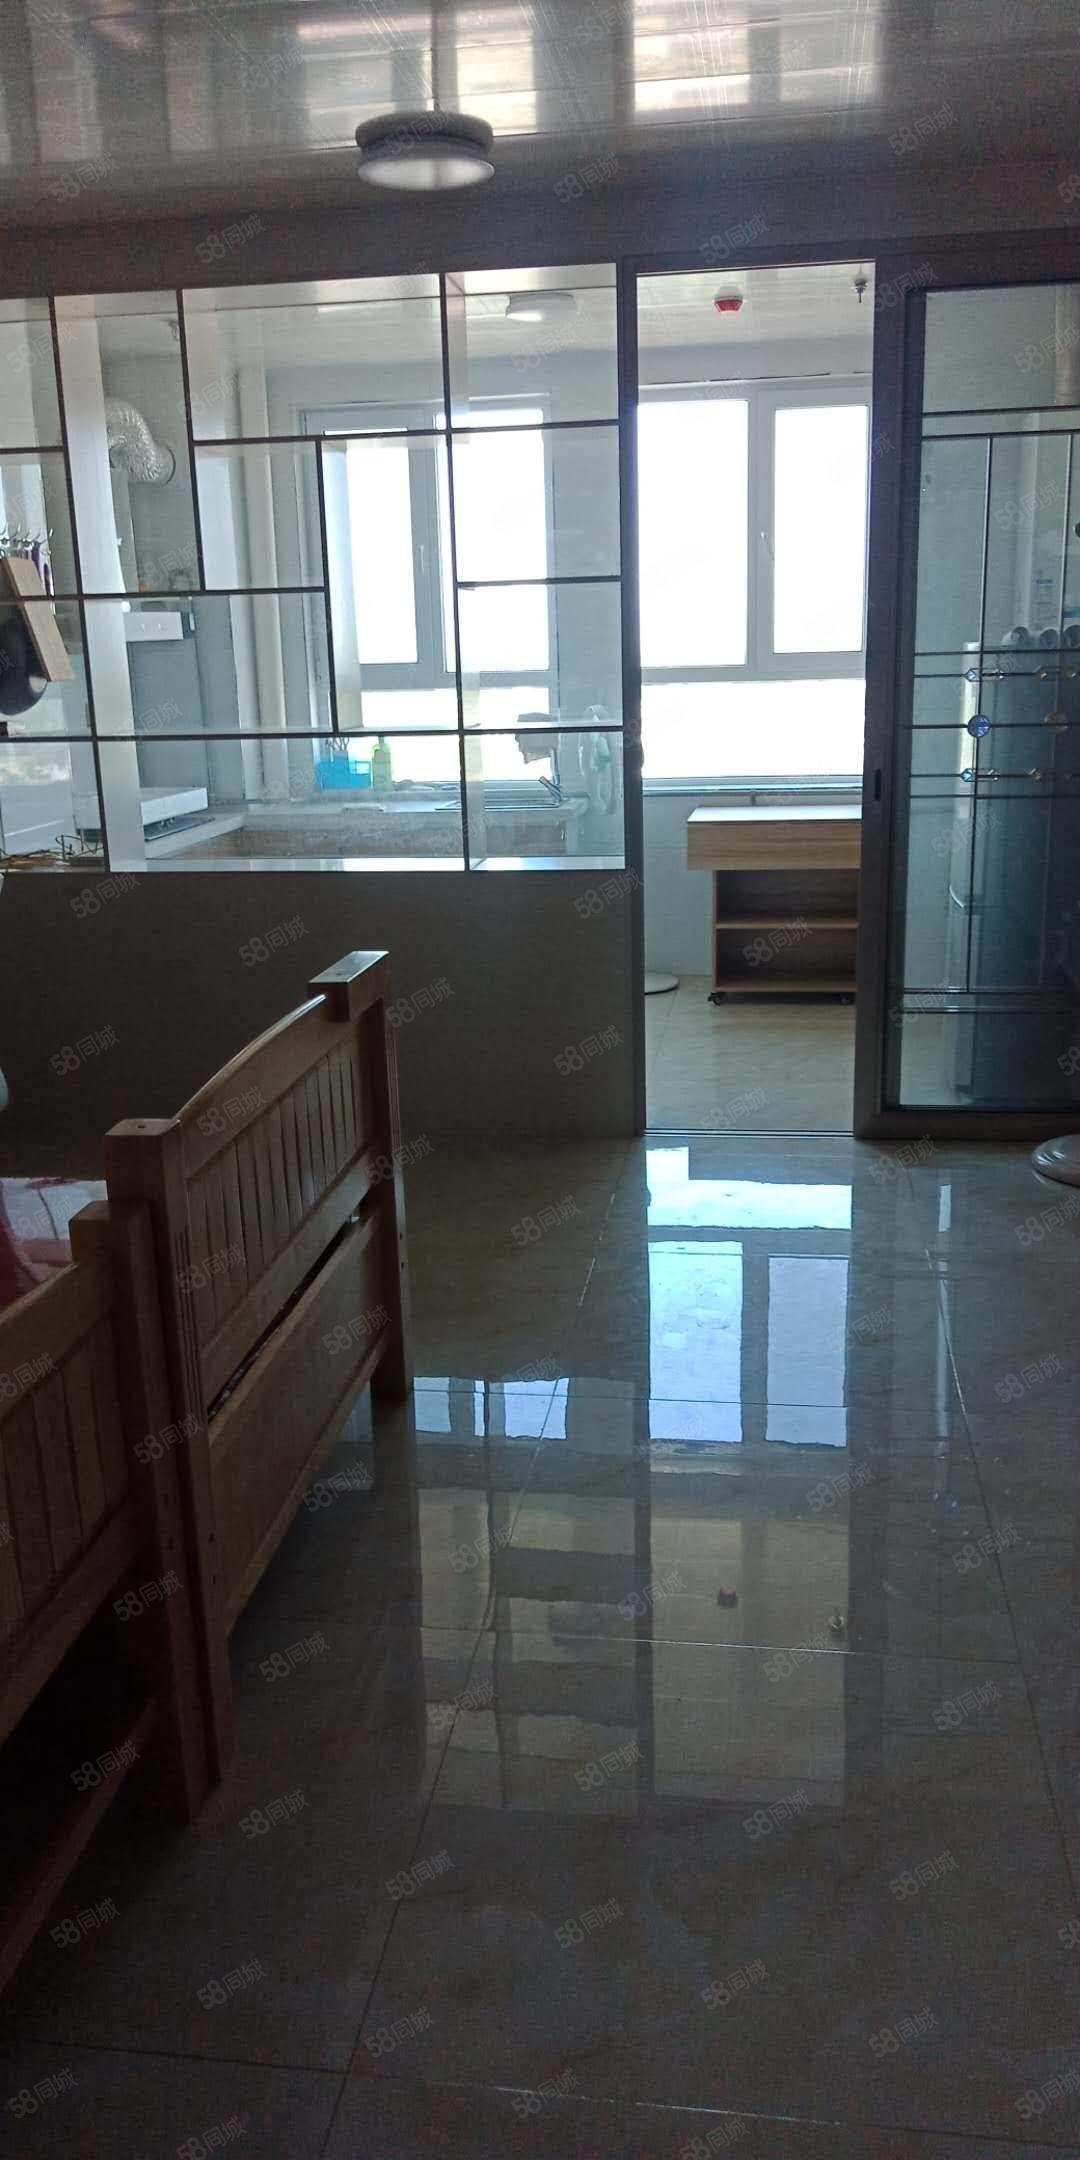 惠友公寓,1室1厅1卫可办公,可自住拎包入住。